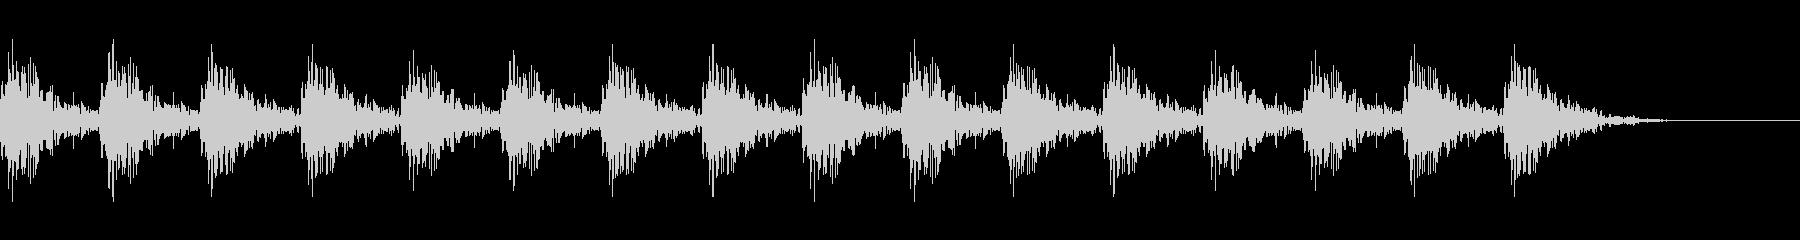 どんどん(巨人、速歩き)A08の未再生の波形